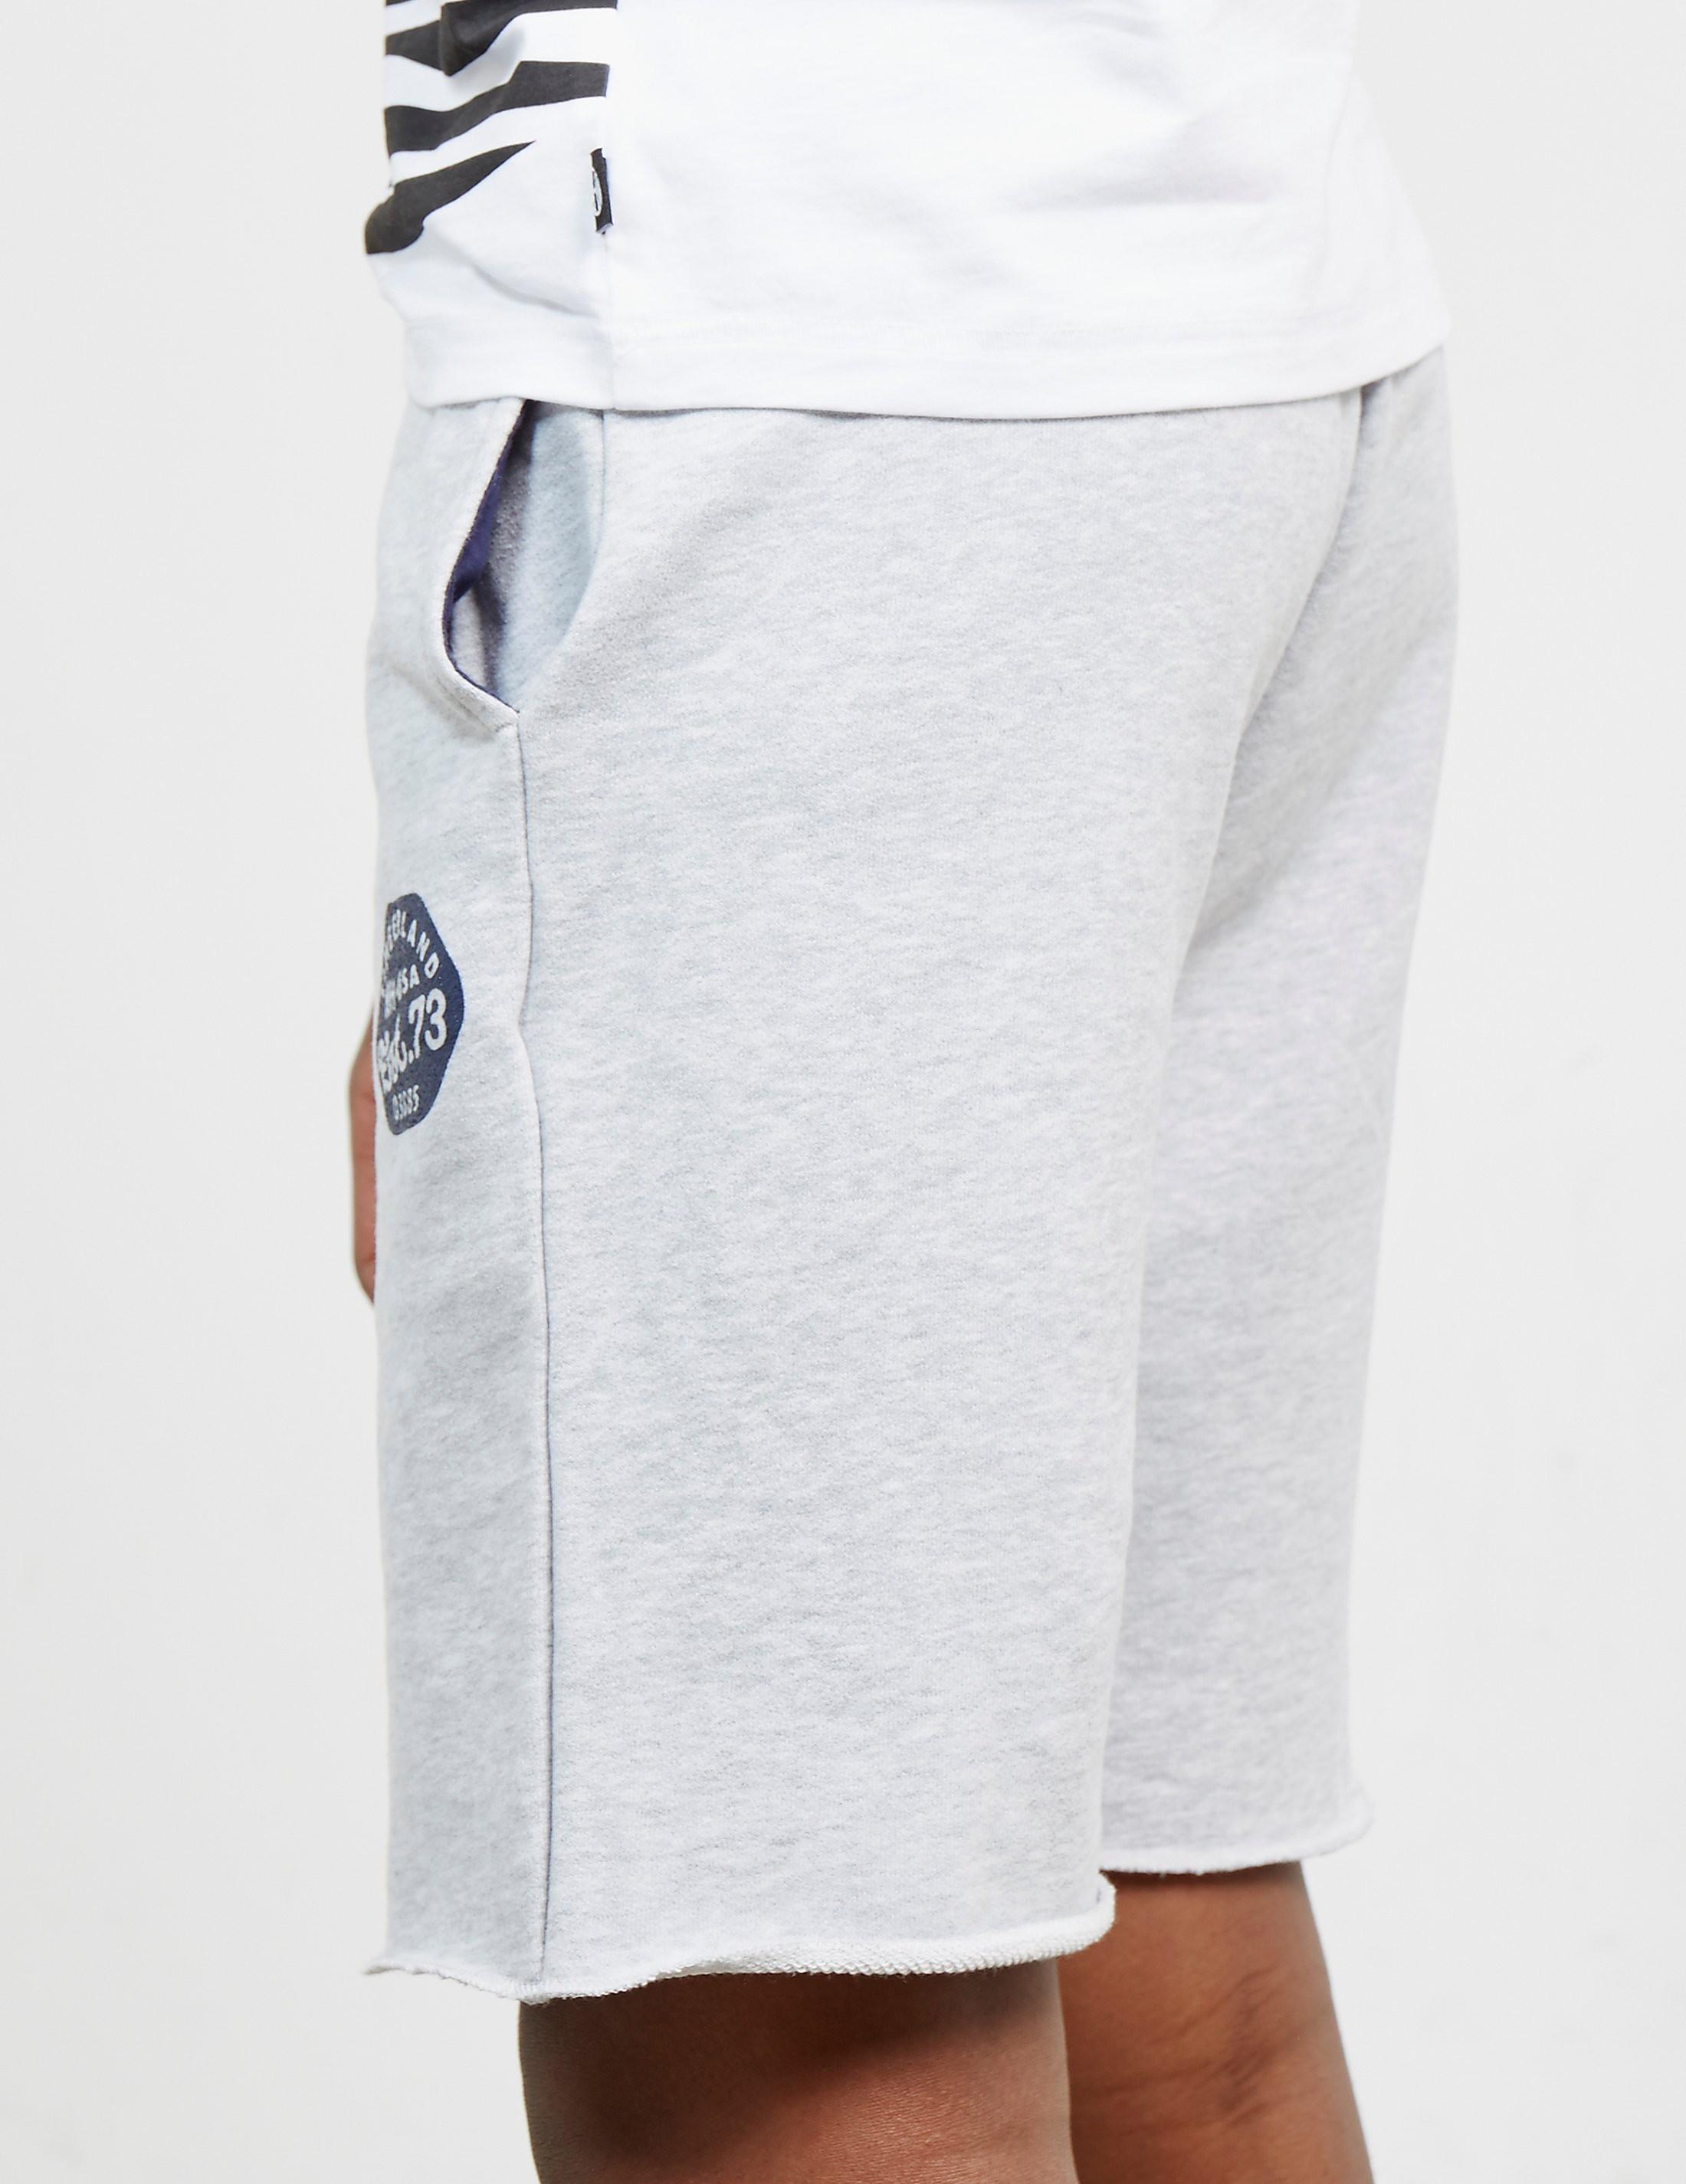 Timberland Printed Logo Shorts